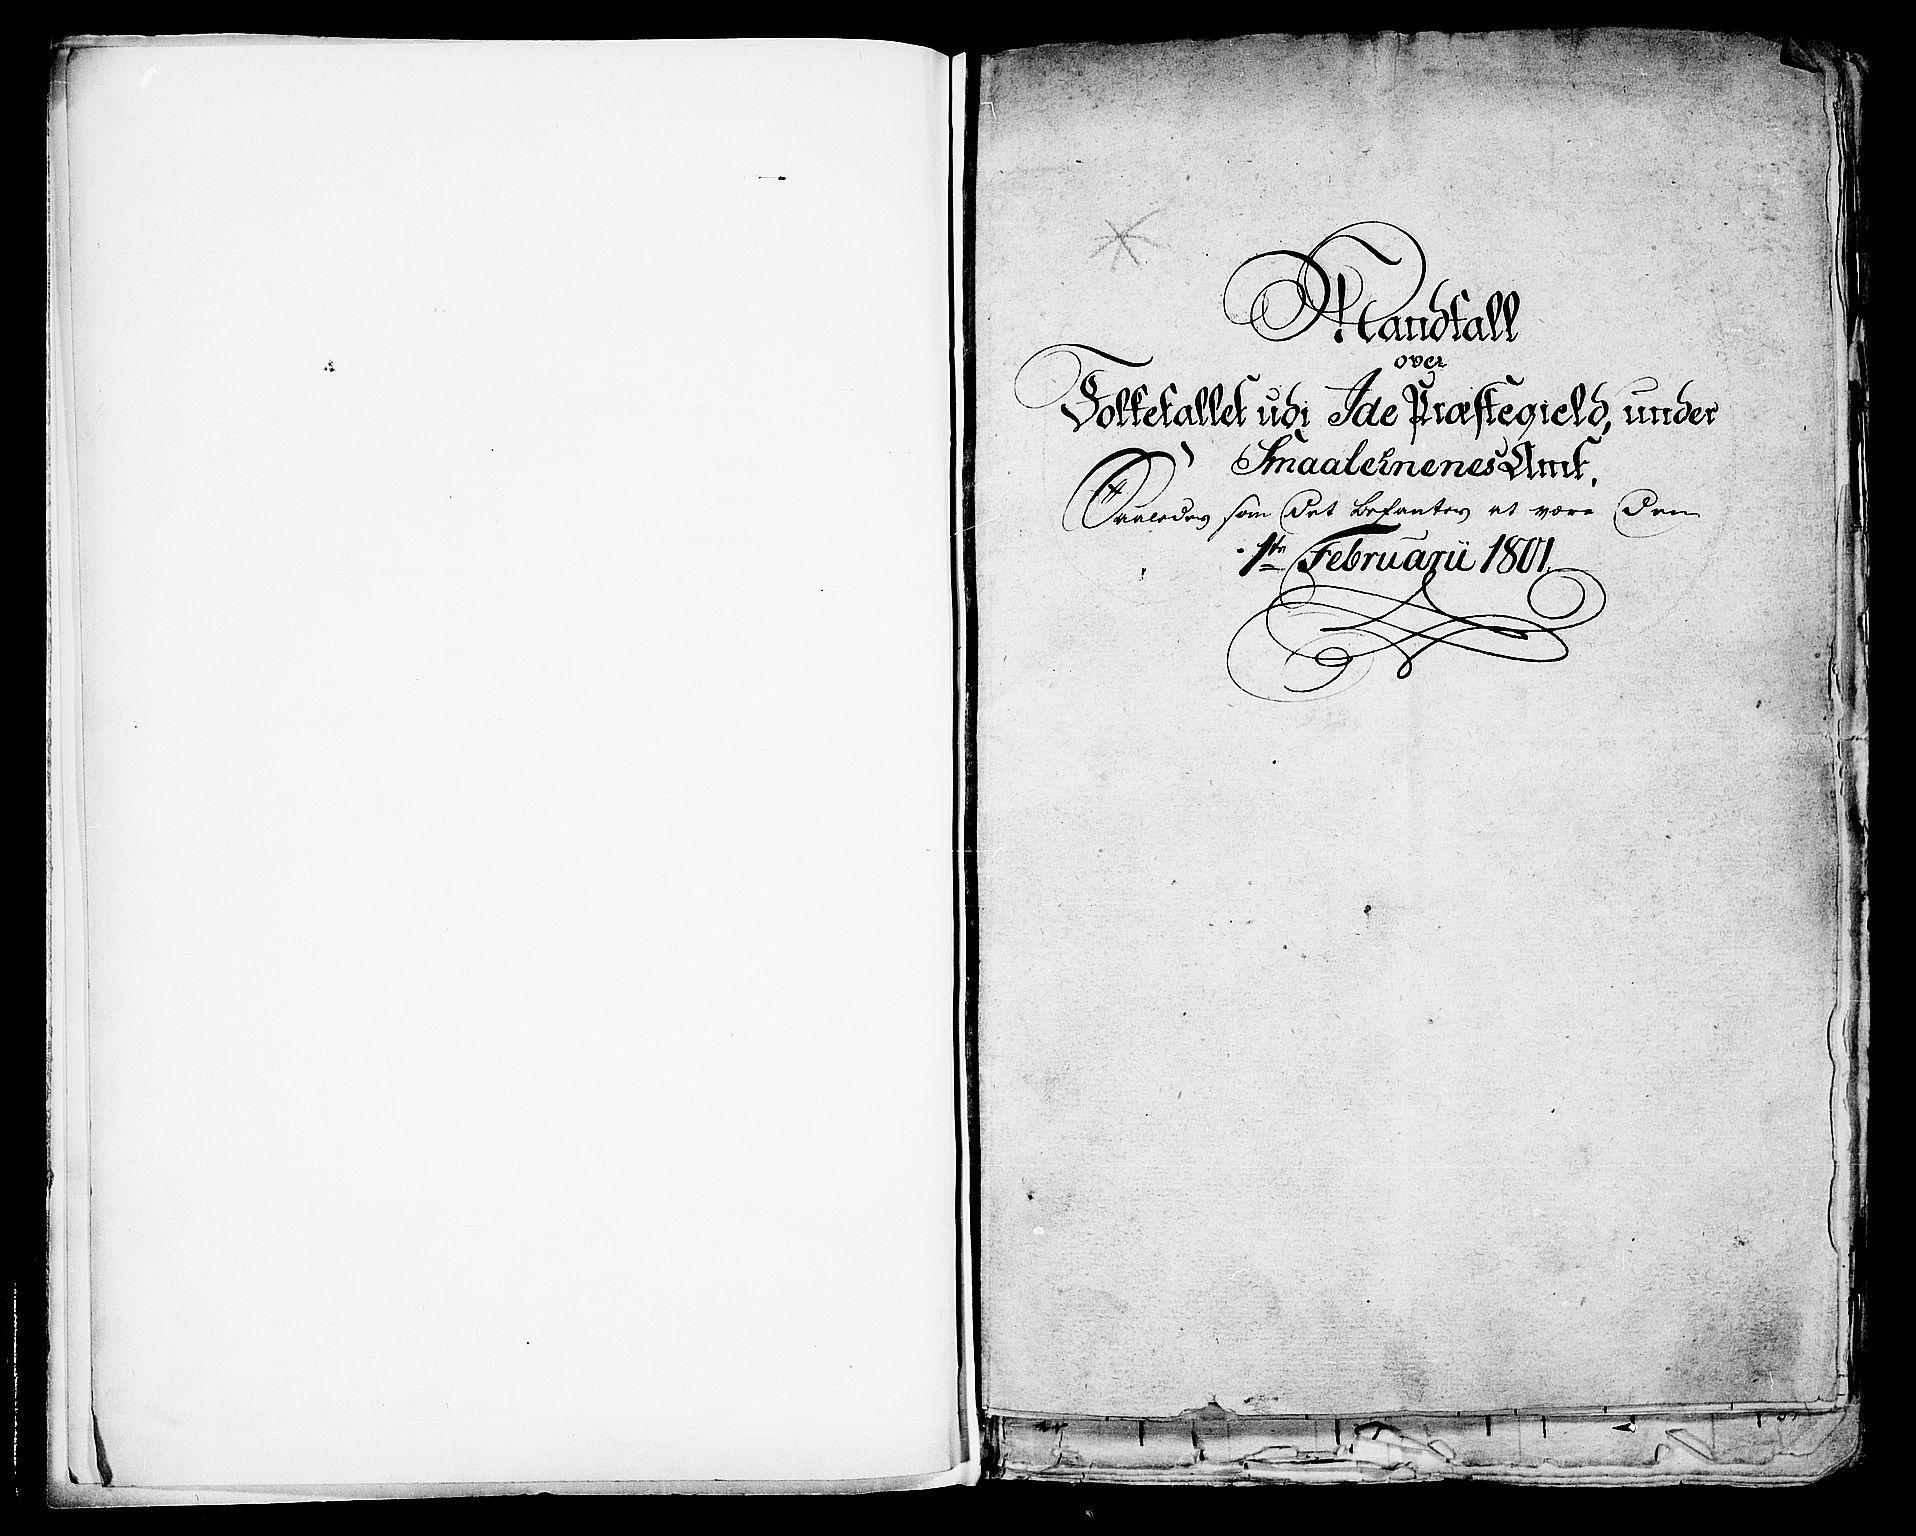 RA, Folketelling 1801 for 0117P Idd prestegjeld, 1801